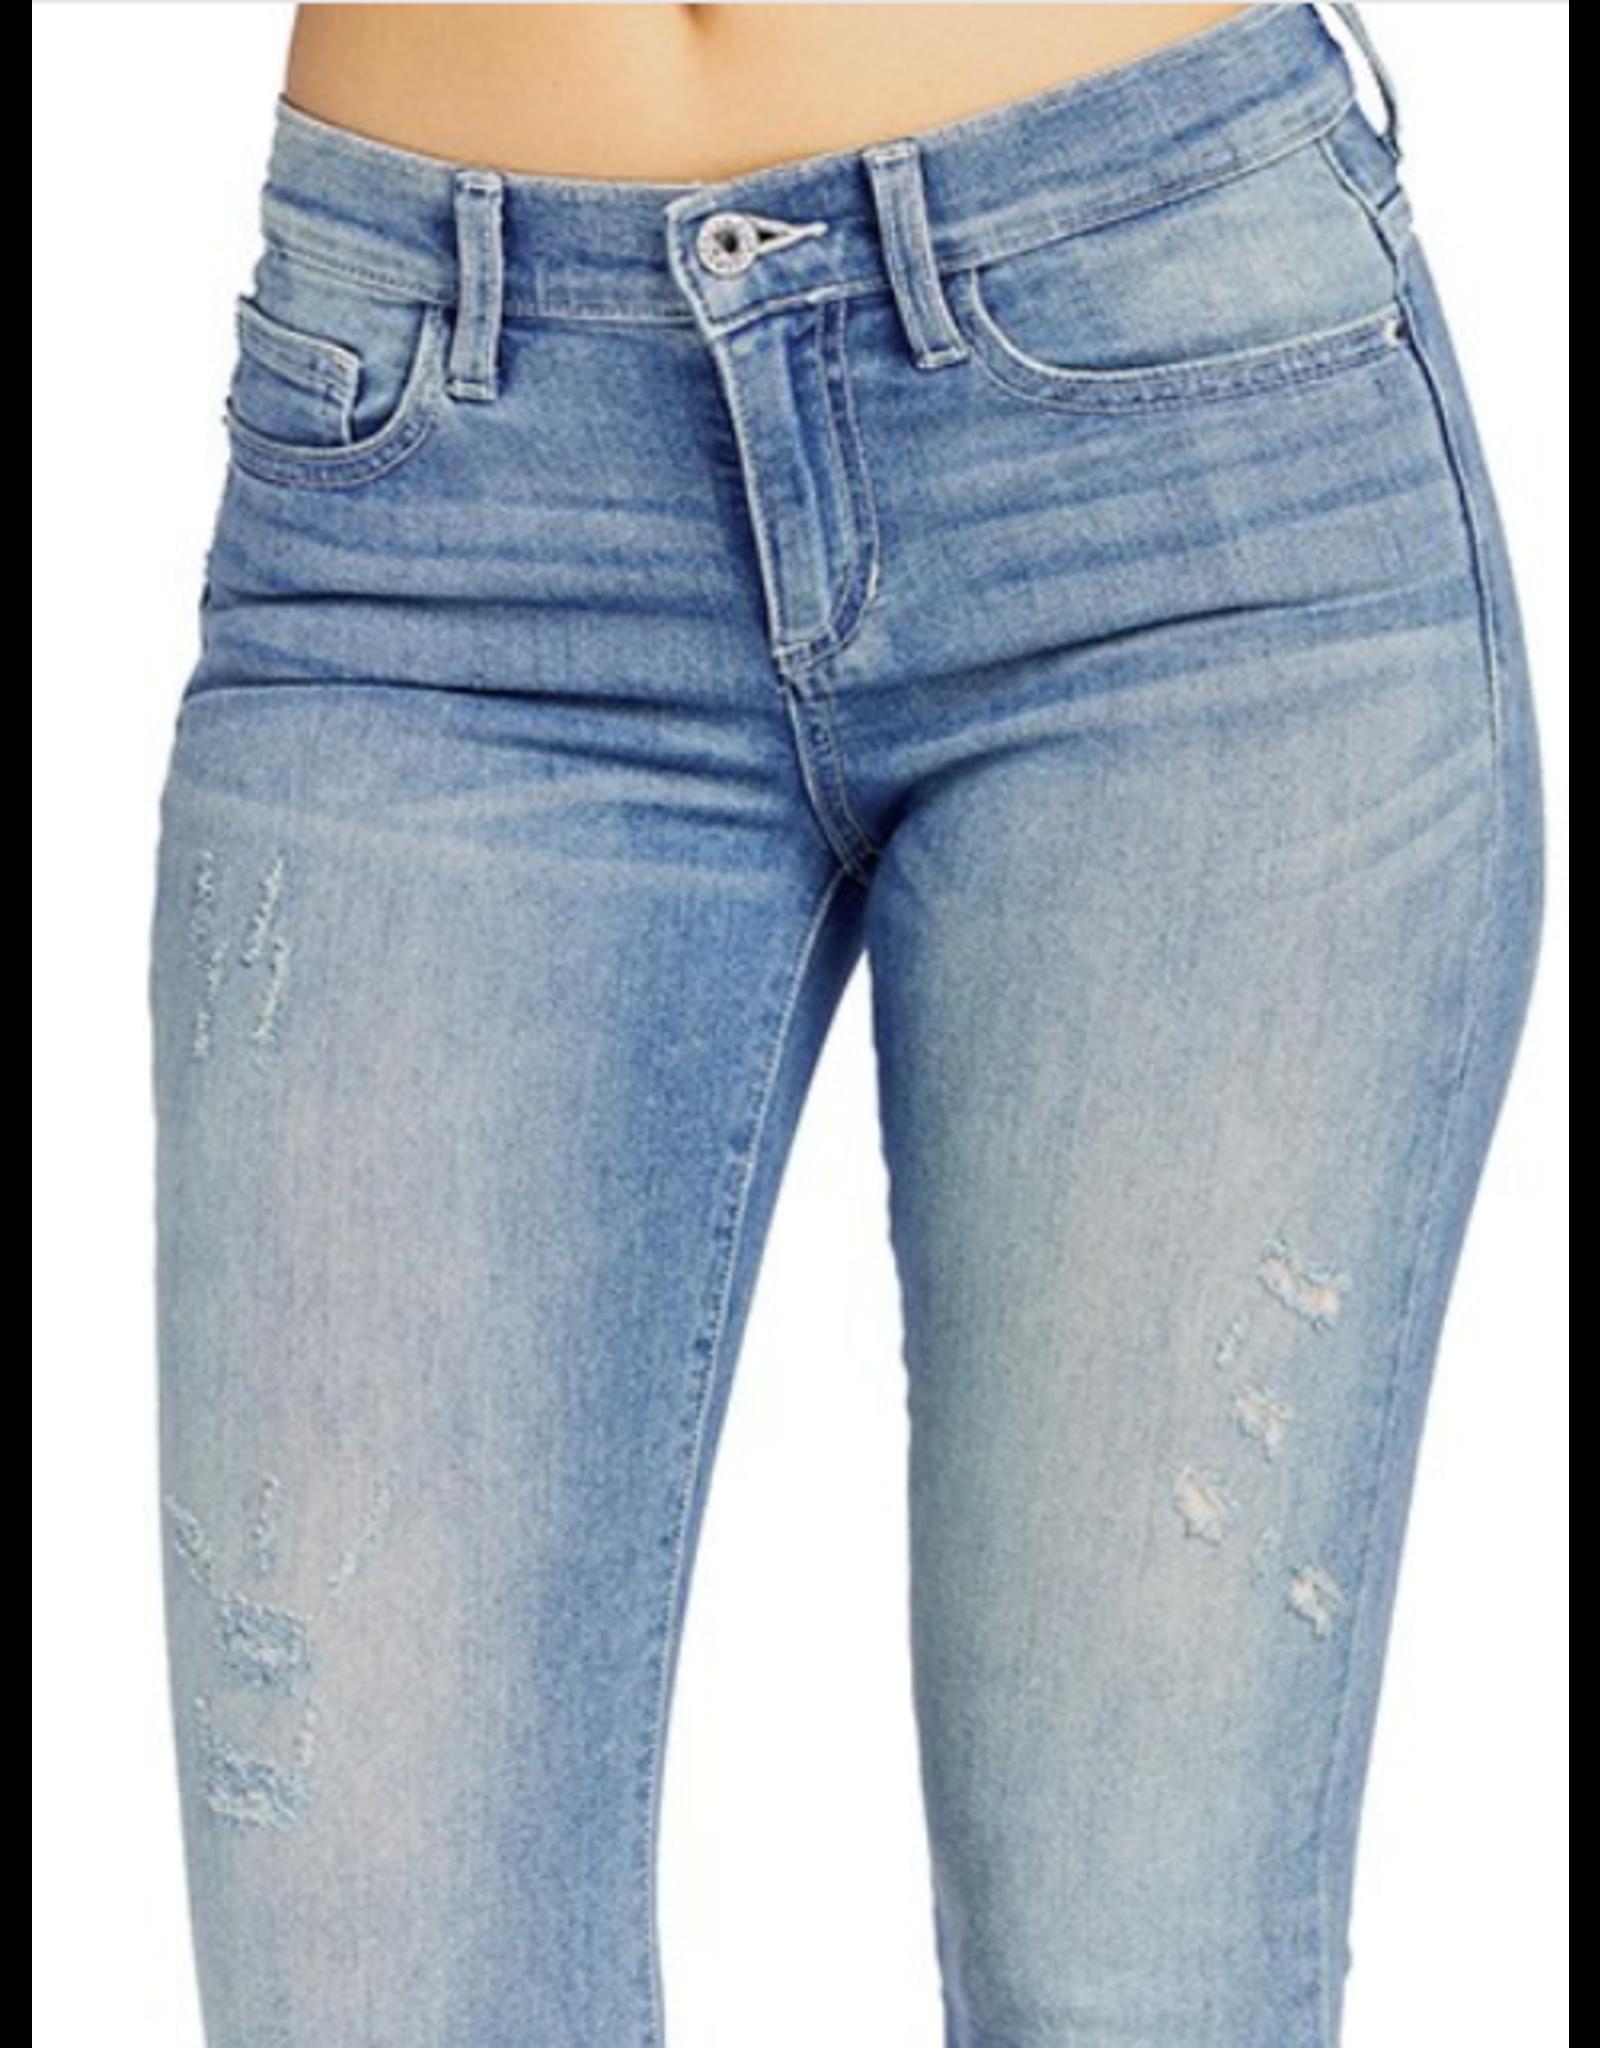 Sneak Peek Sneak Peek Semi Flared Jeans